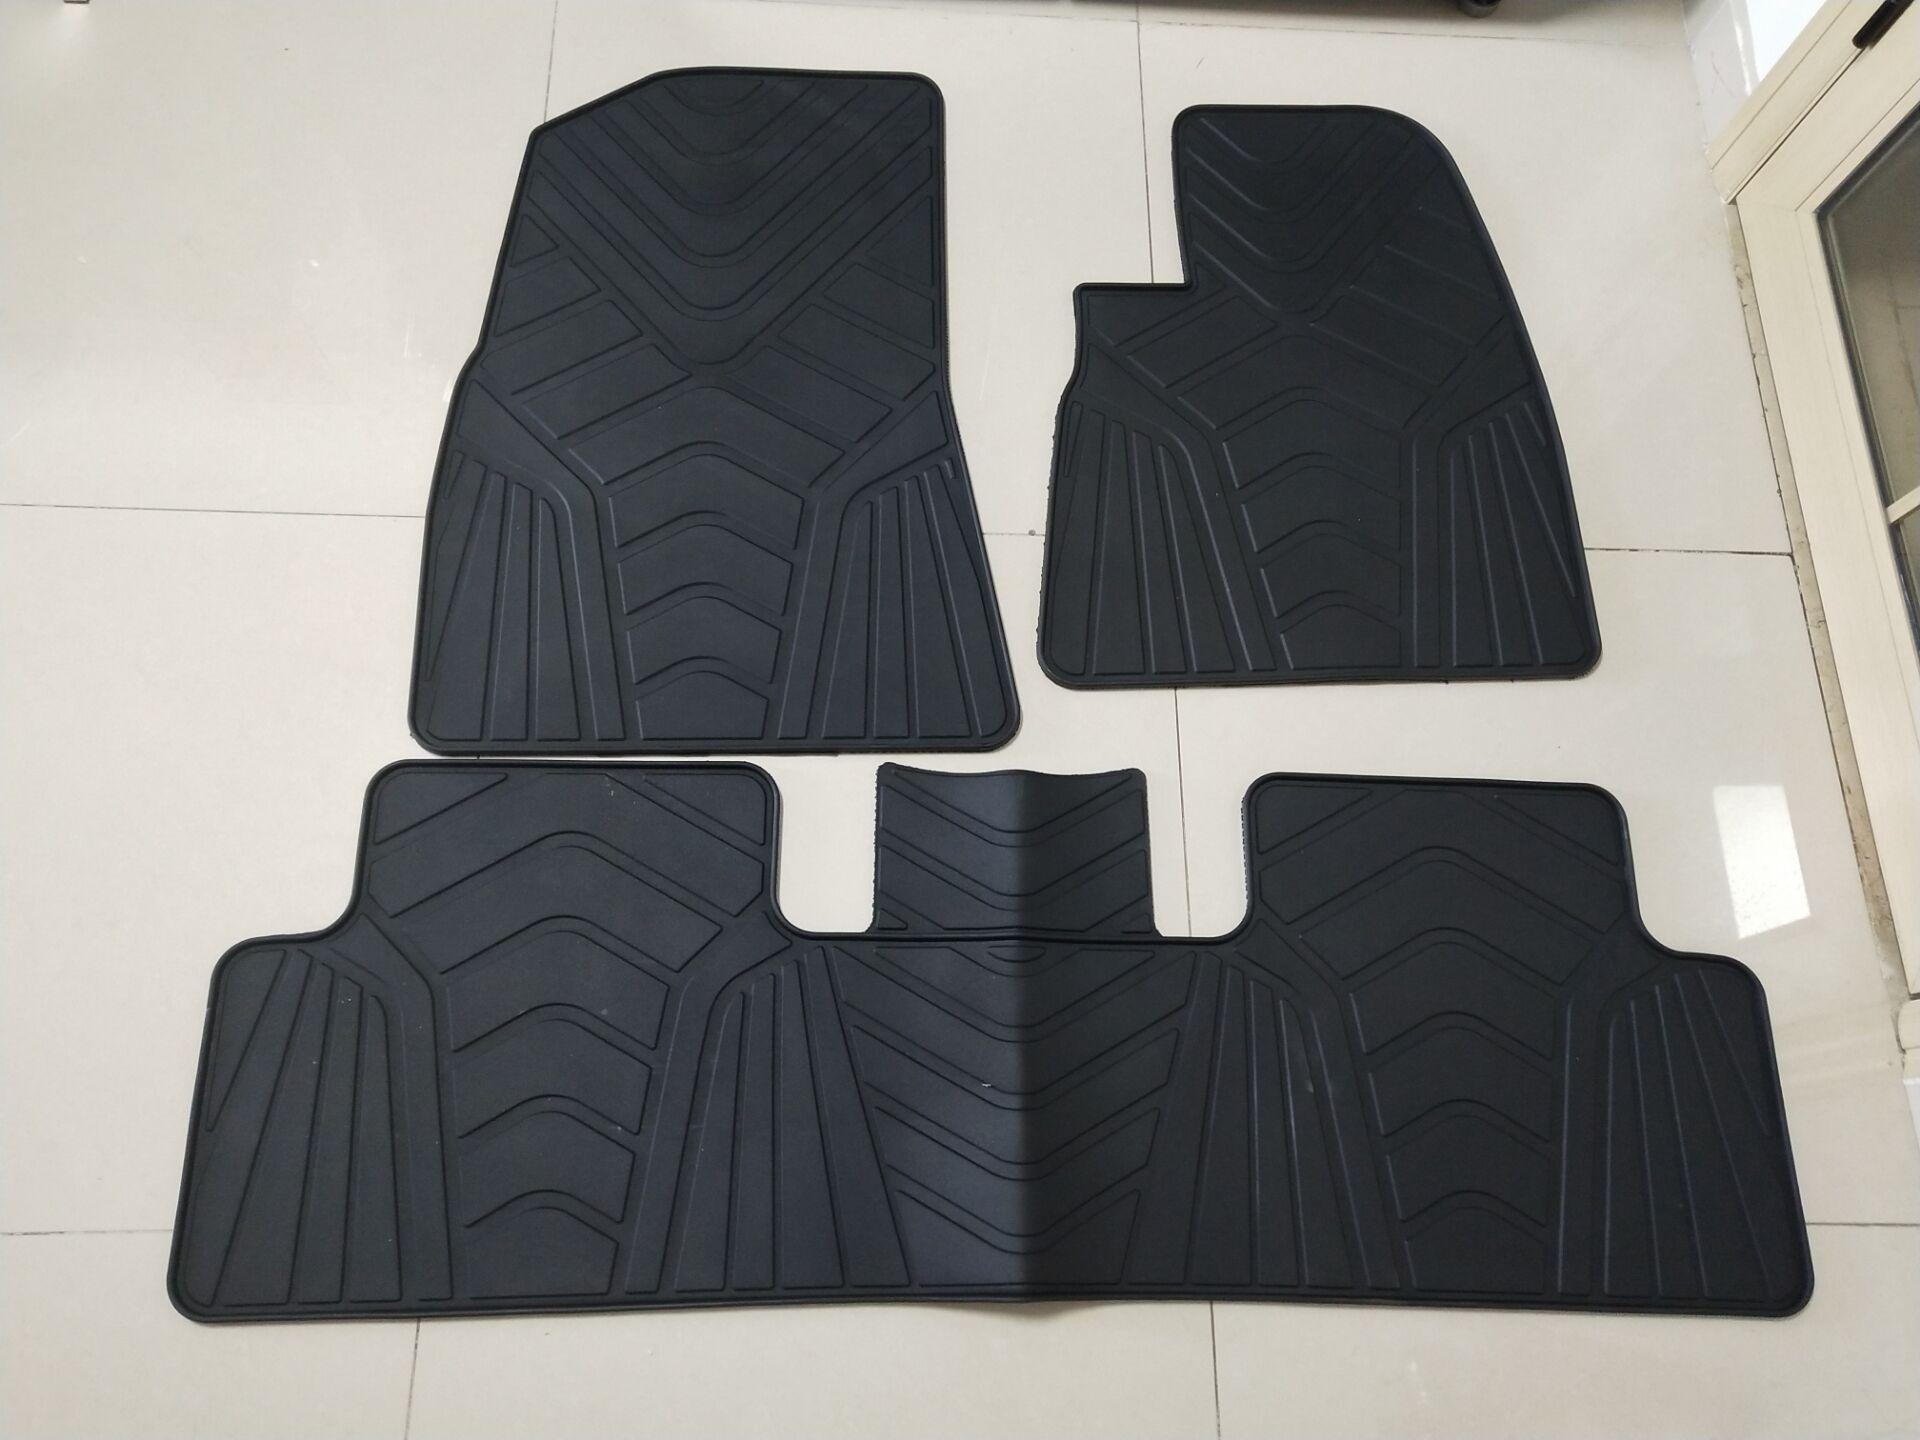 Spécial sans odeur avant et arrière 5 sièges tapis imperméable en caoutchouc voiture tapis de sol pour Tesla modèle 3 RHD direction droite voiture